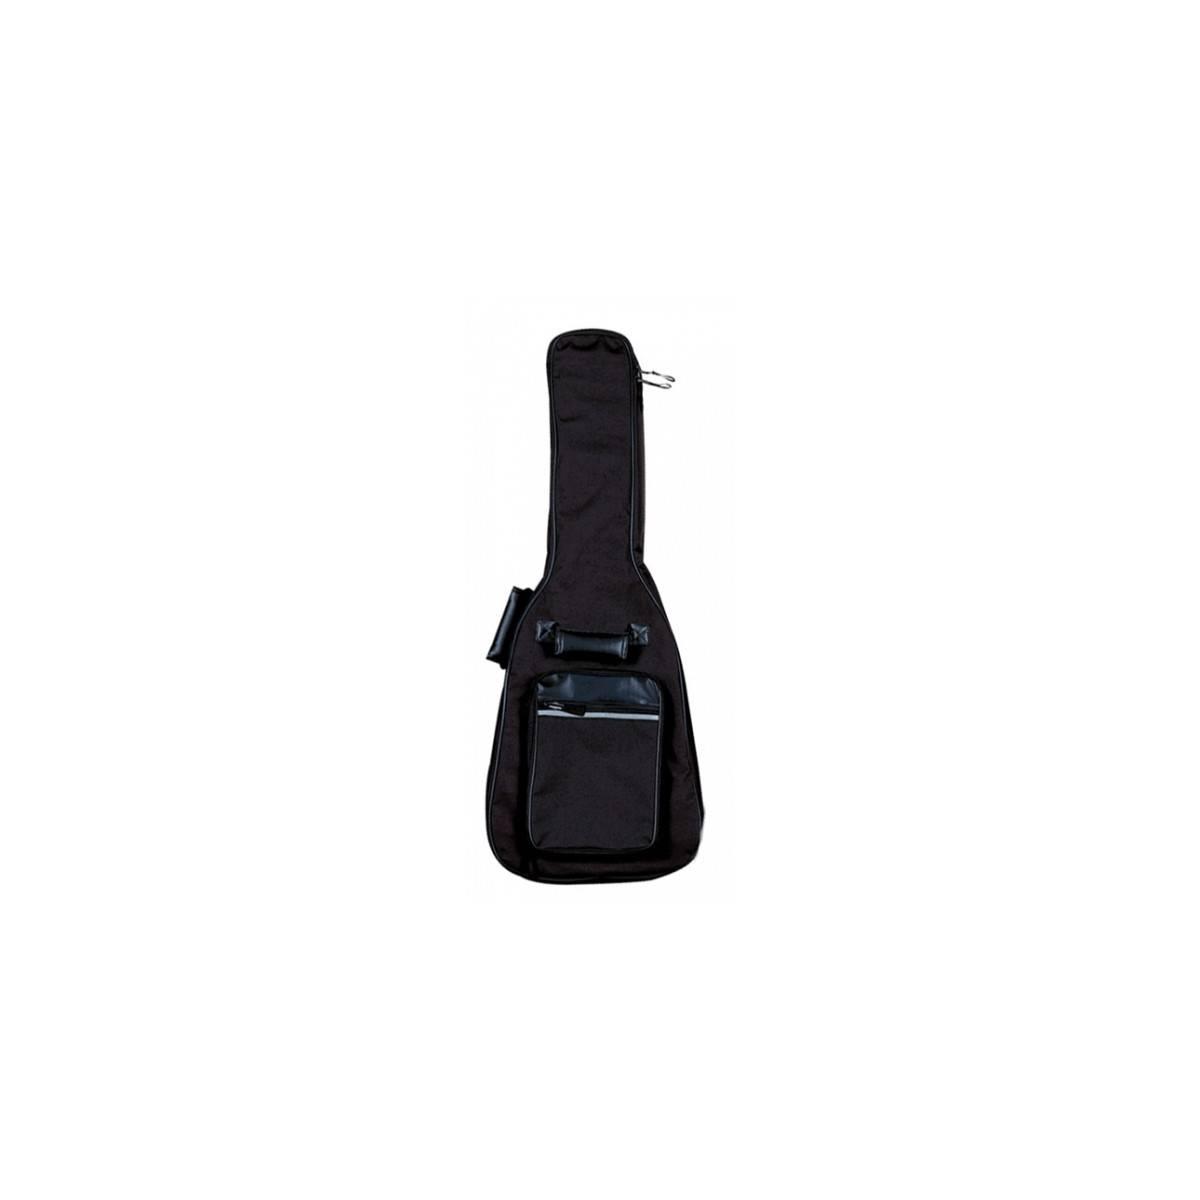 Gng housse guitare classique 1 2 accessoire guitares for Housse guitare classique